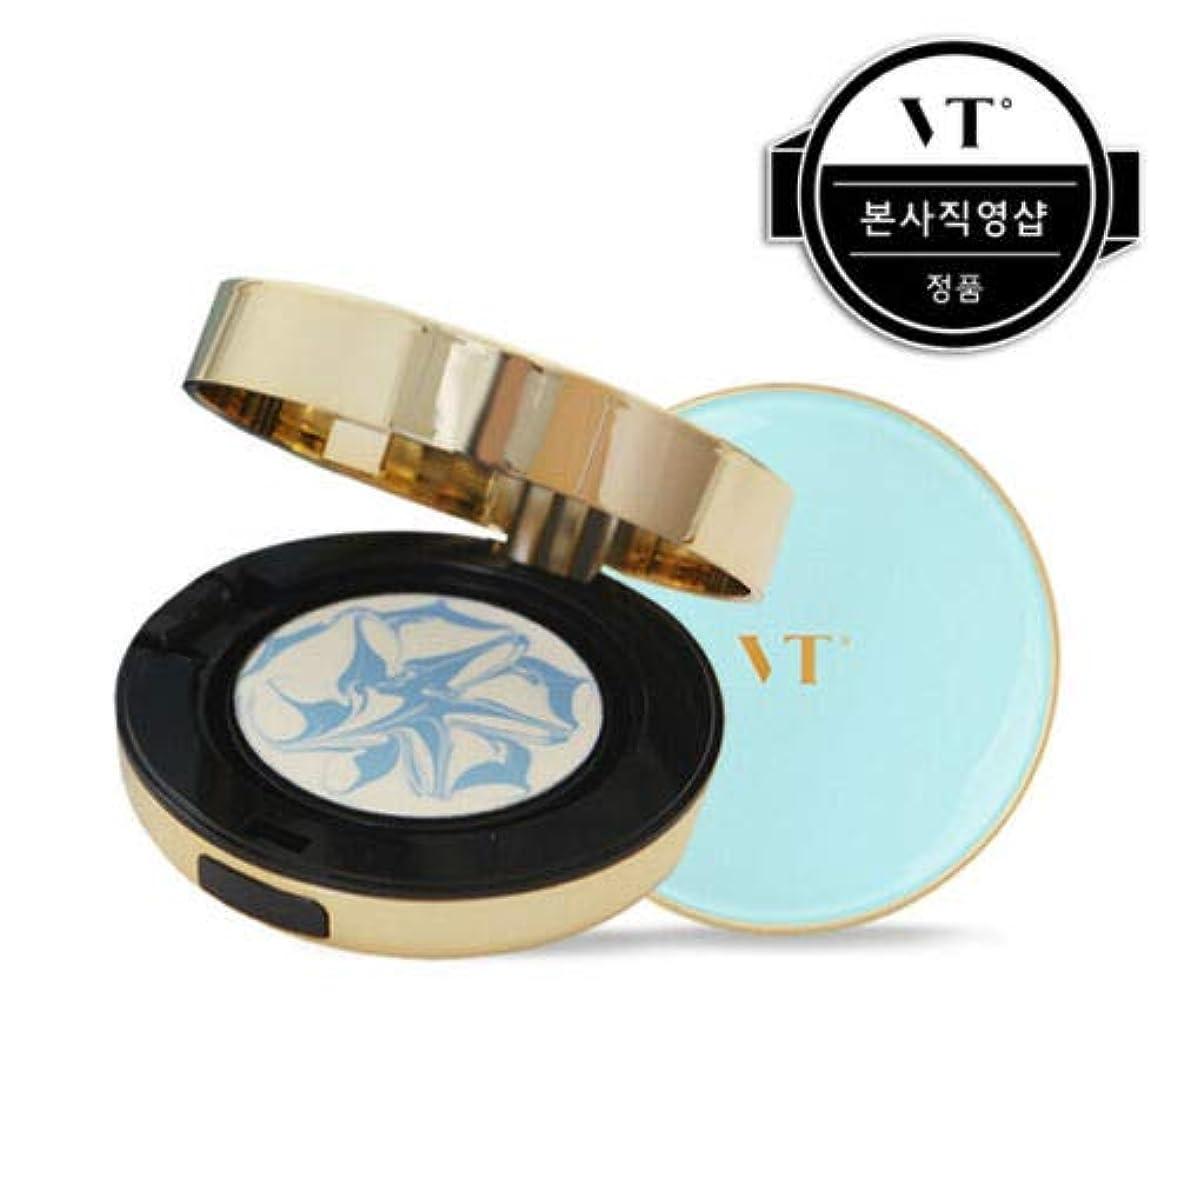 サロンチャレンジカレンダーVT Cosmetic Essence Sun Pact エッセンス サン パクト 本品11g + リフィール 11g, SPF50+/PA+++